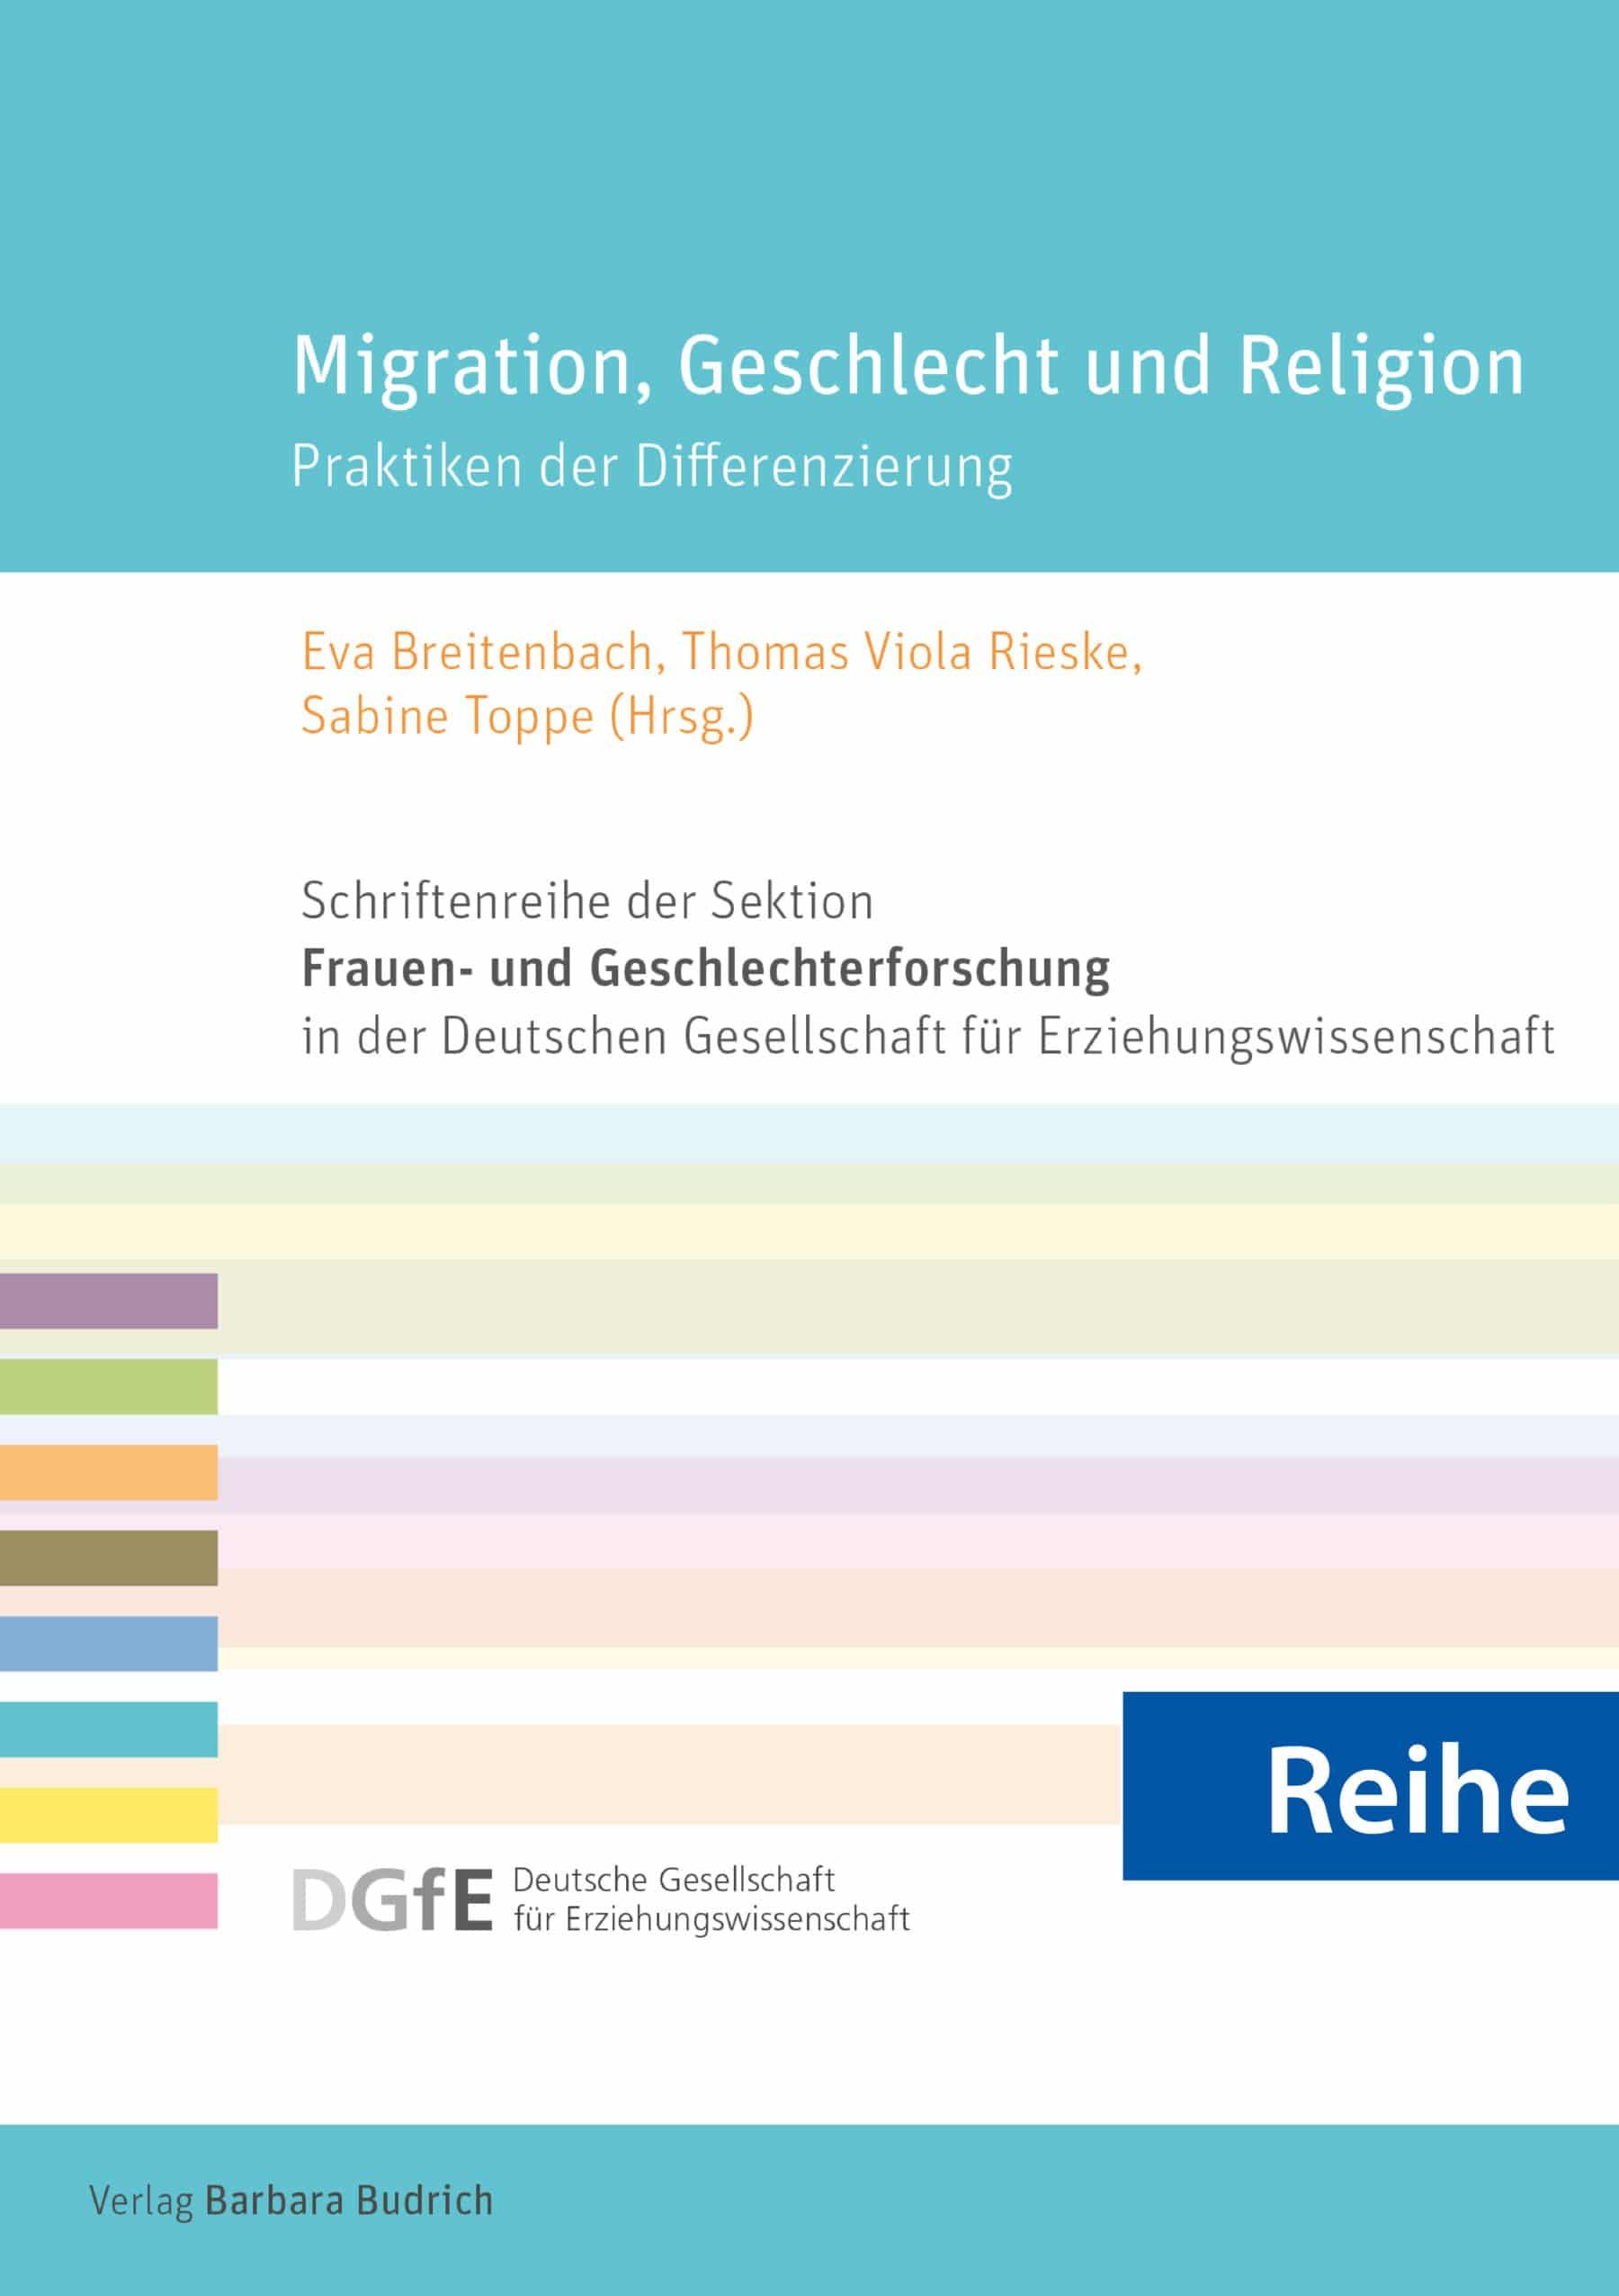 Reihe – Schriftenreihe der Sektion Frauen- und Geschlechterforschung in der Deutschen Gesellschaft für Erziehungswissenschaft (DGfE)